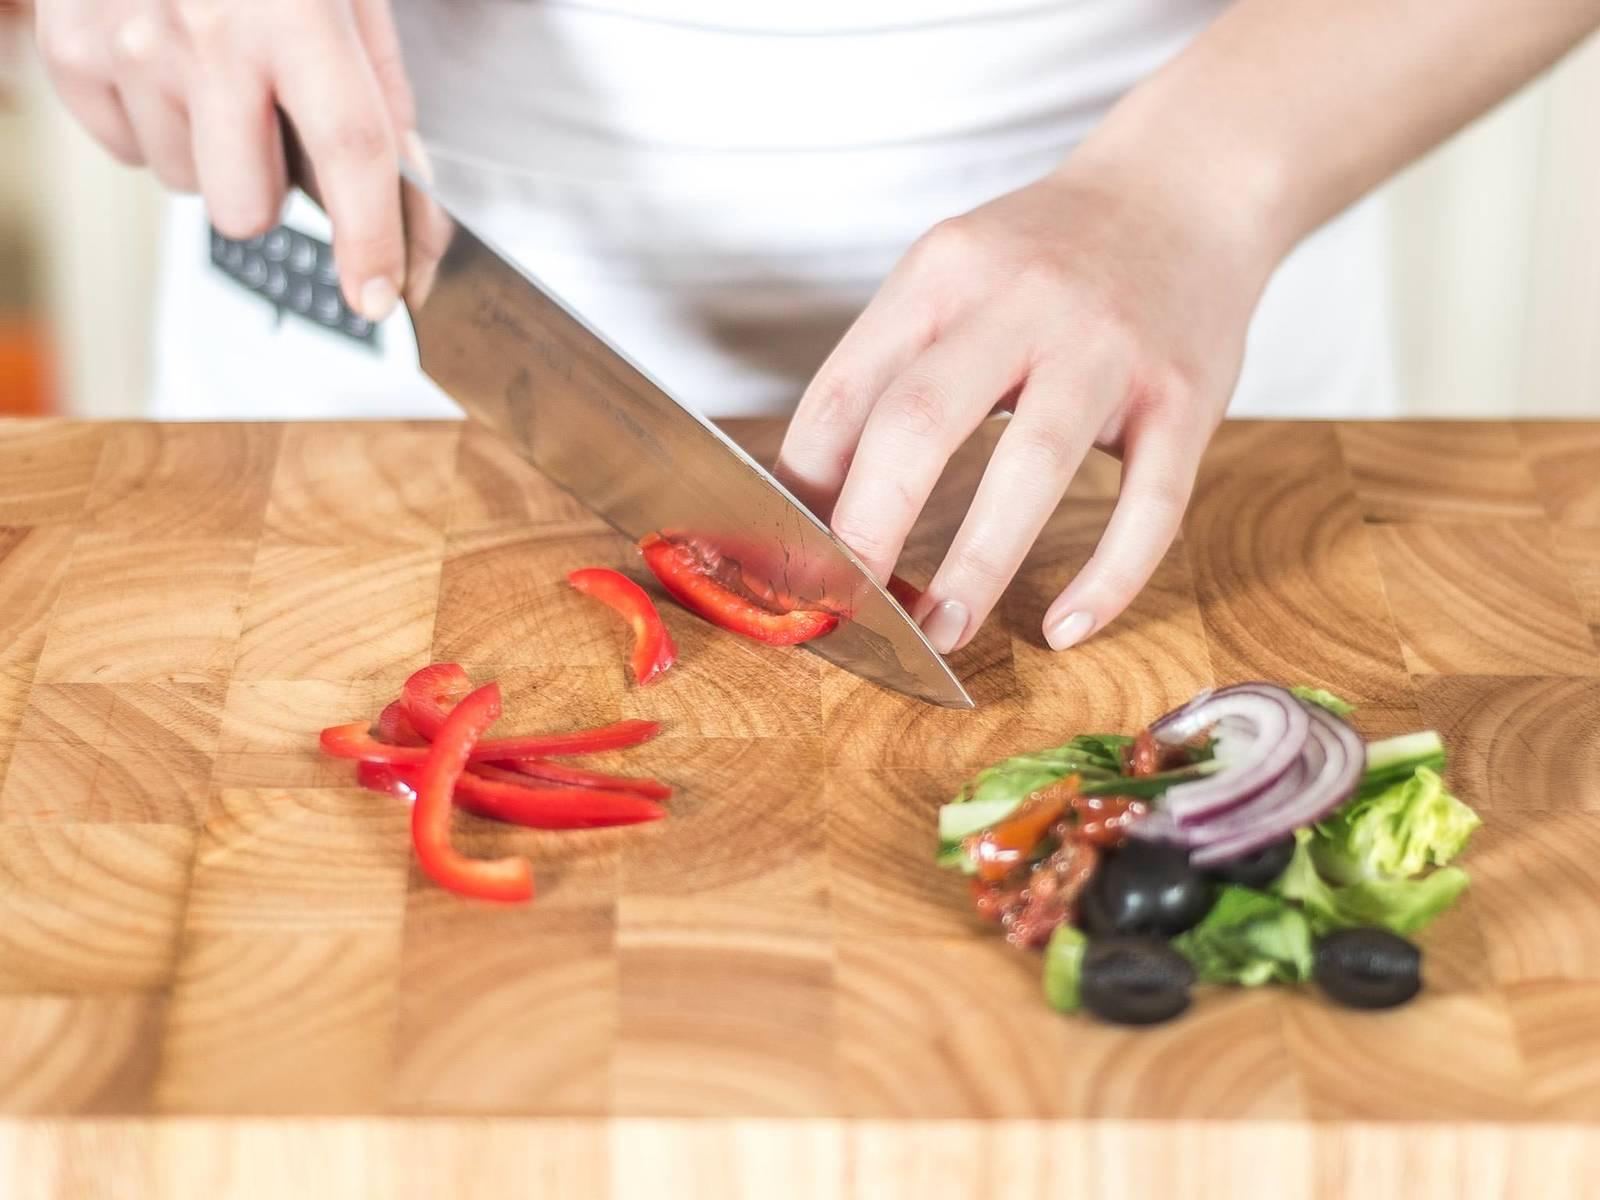 Nun Römersalatkopf waschen, trocknen und in mundgerechte Stücke portionieren. Salatgurke würfeln und schwarze Oliven halbieren. Rote Zwiebel, getrocknete Tomaten und Paprika in feine Streifen schneiden.